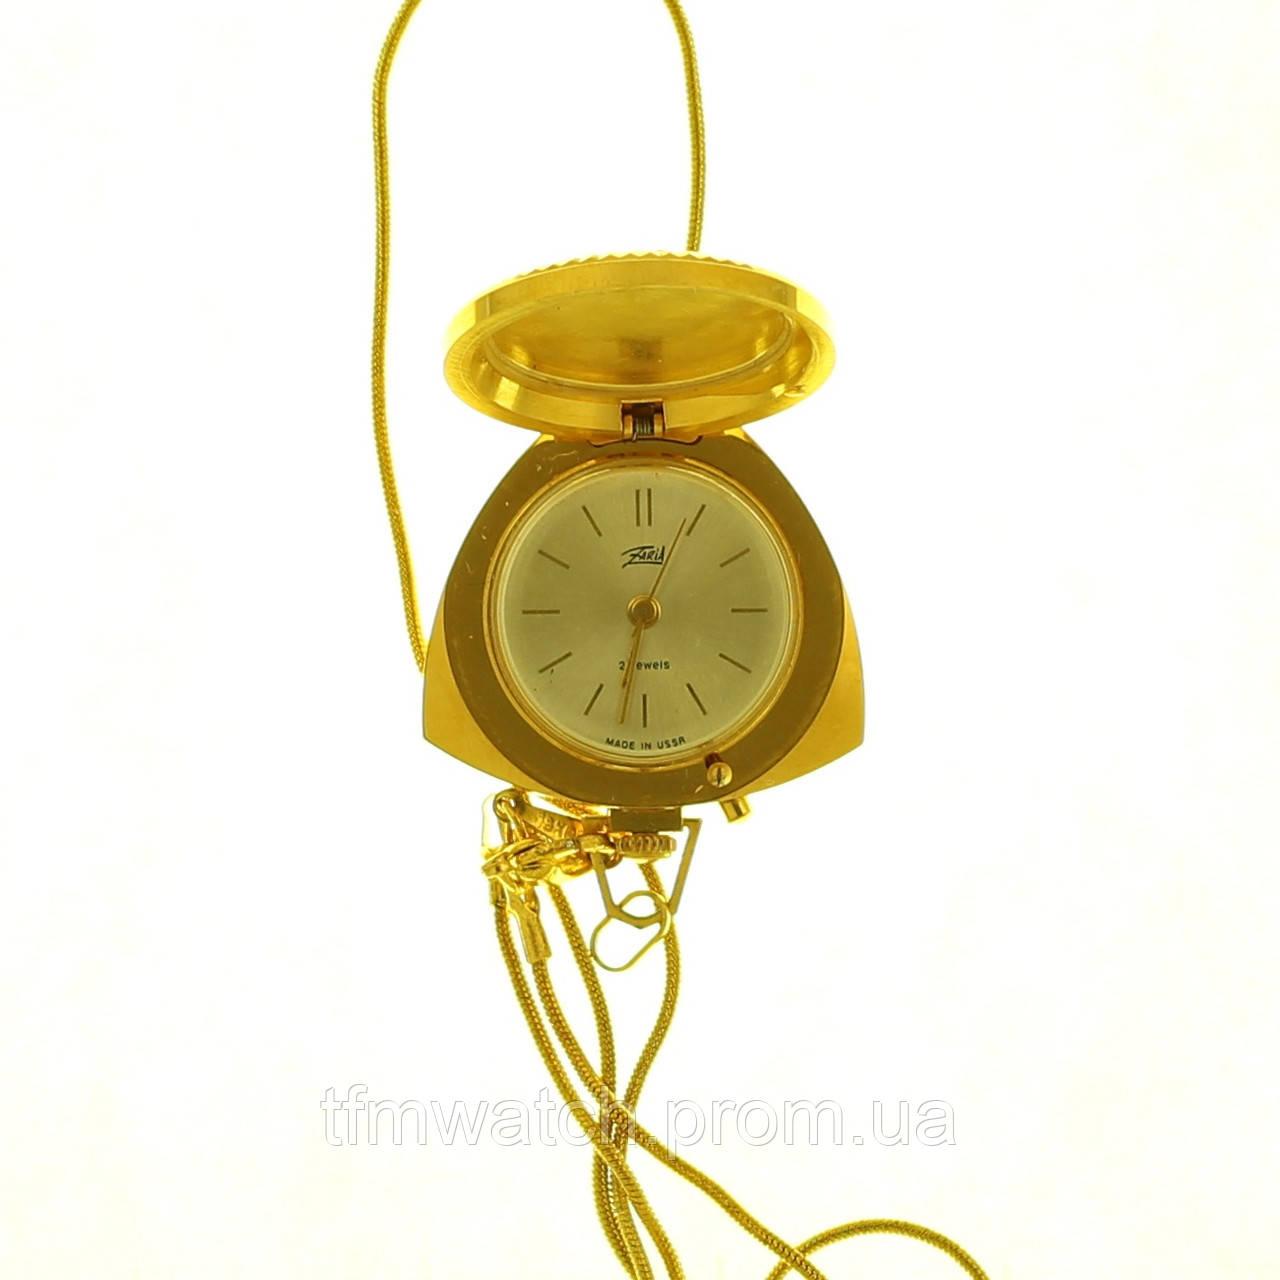 Женские механические часы-кулон СССР Заря